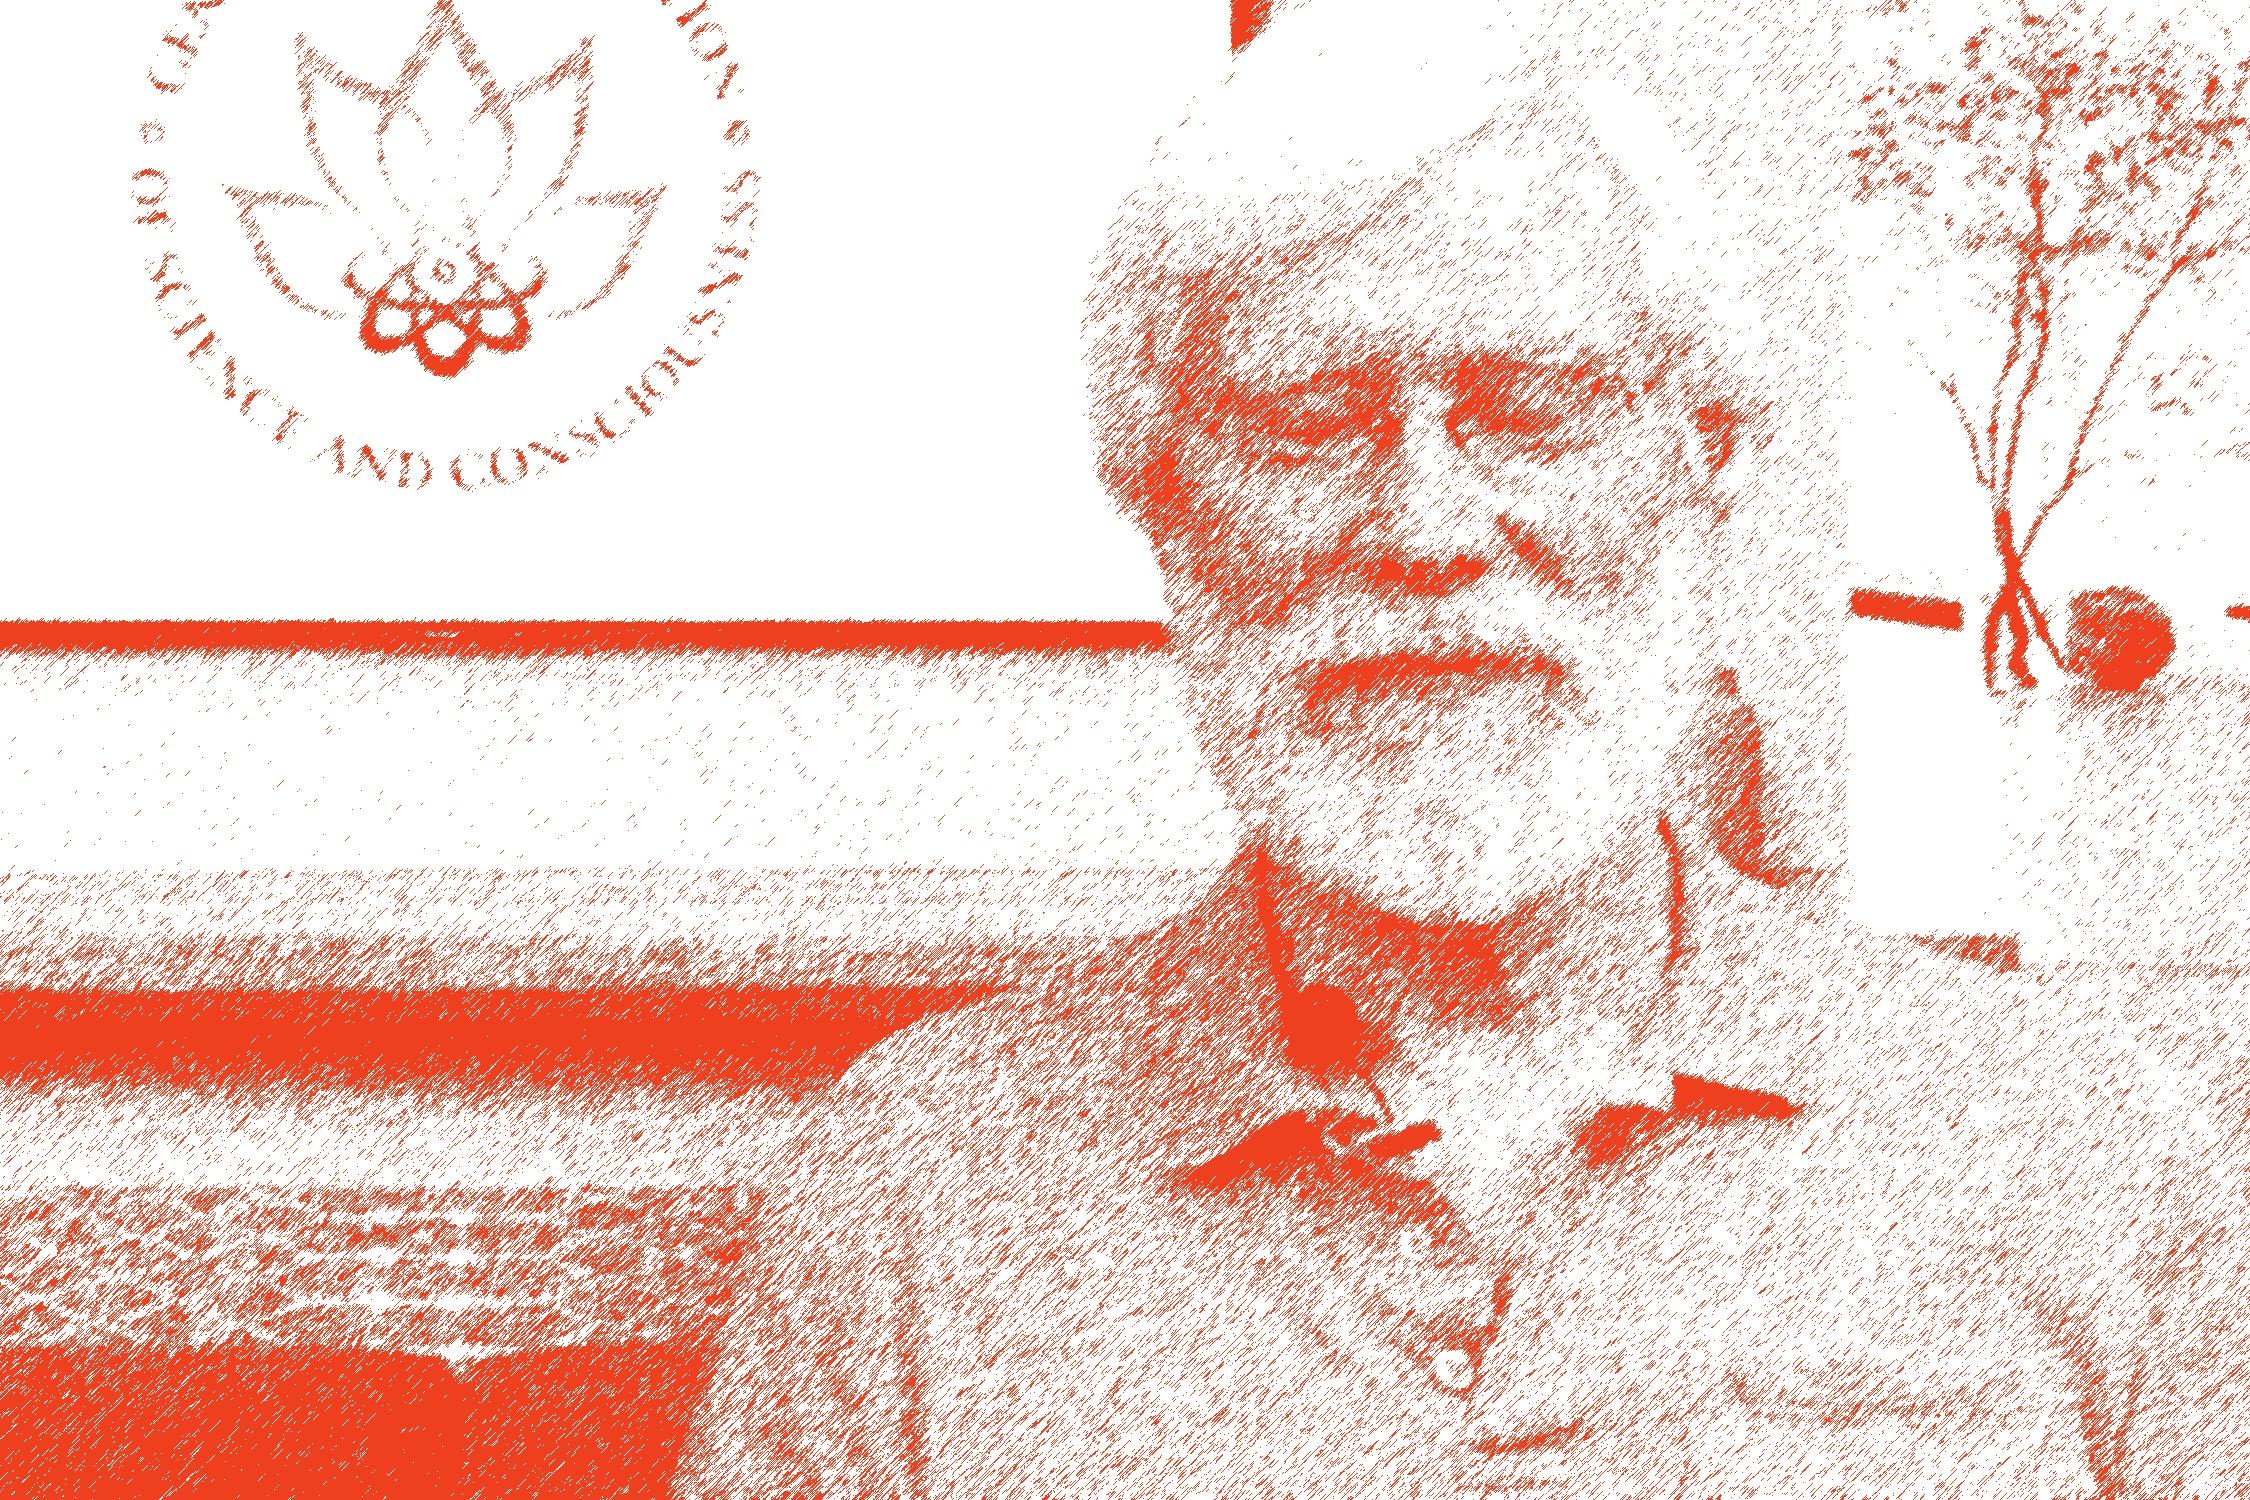 Zur Angst spricht: Thomas Warren Campbell Physik und Spiritualität Corona. Er wird auch Tom Campbell genannt